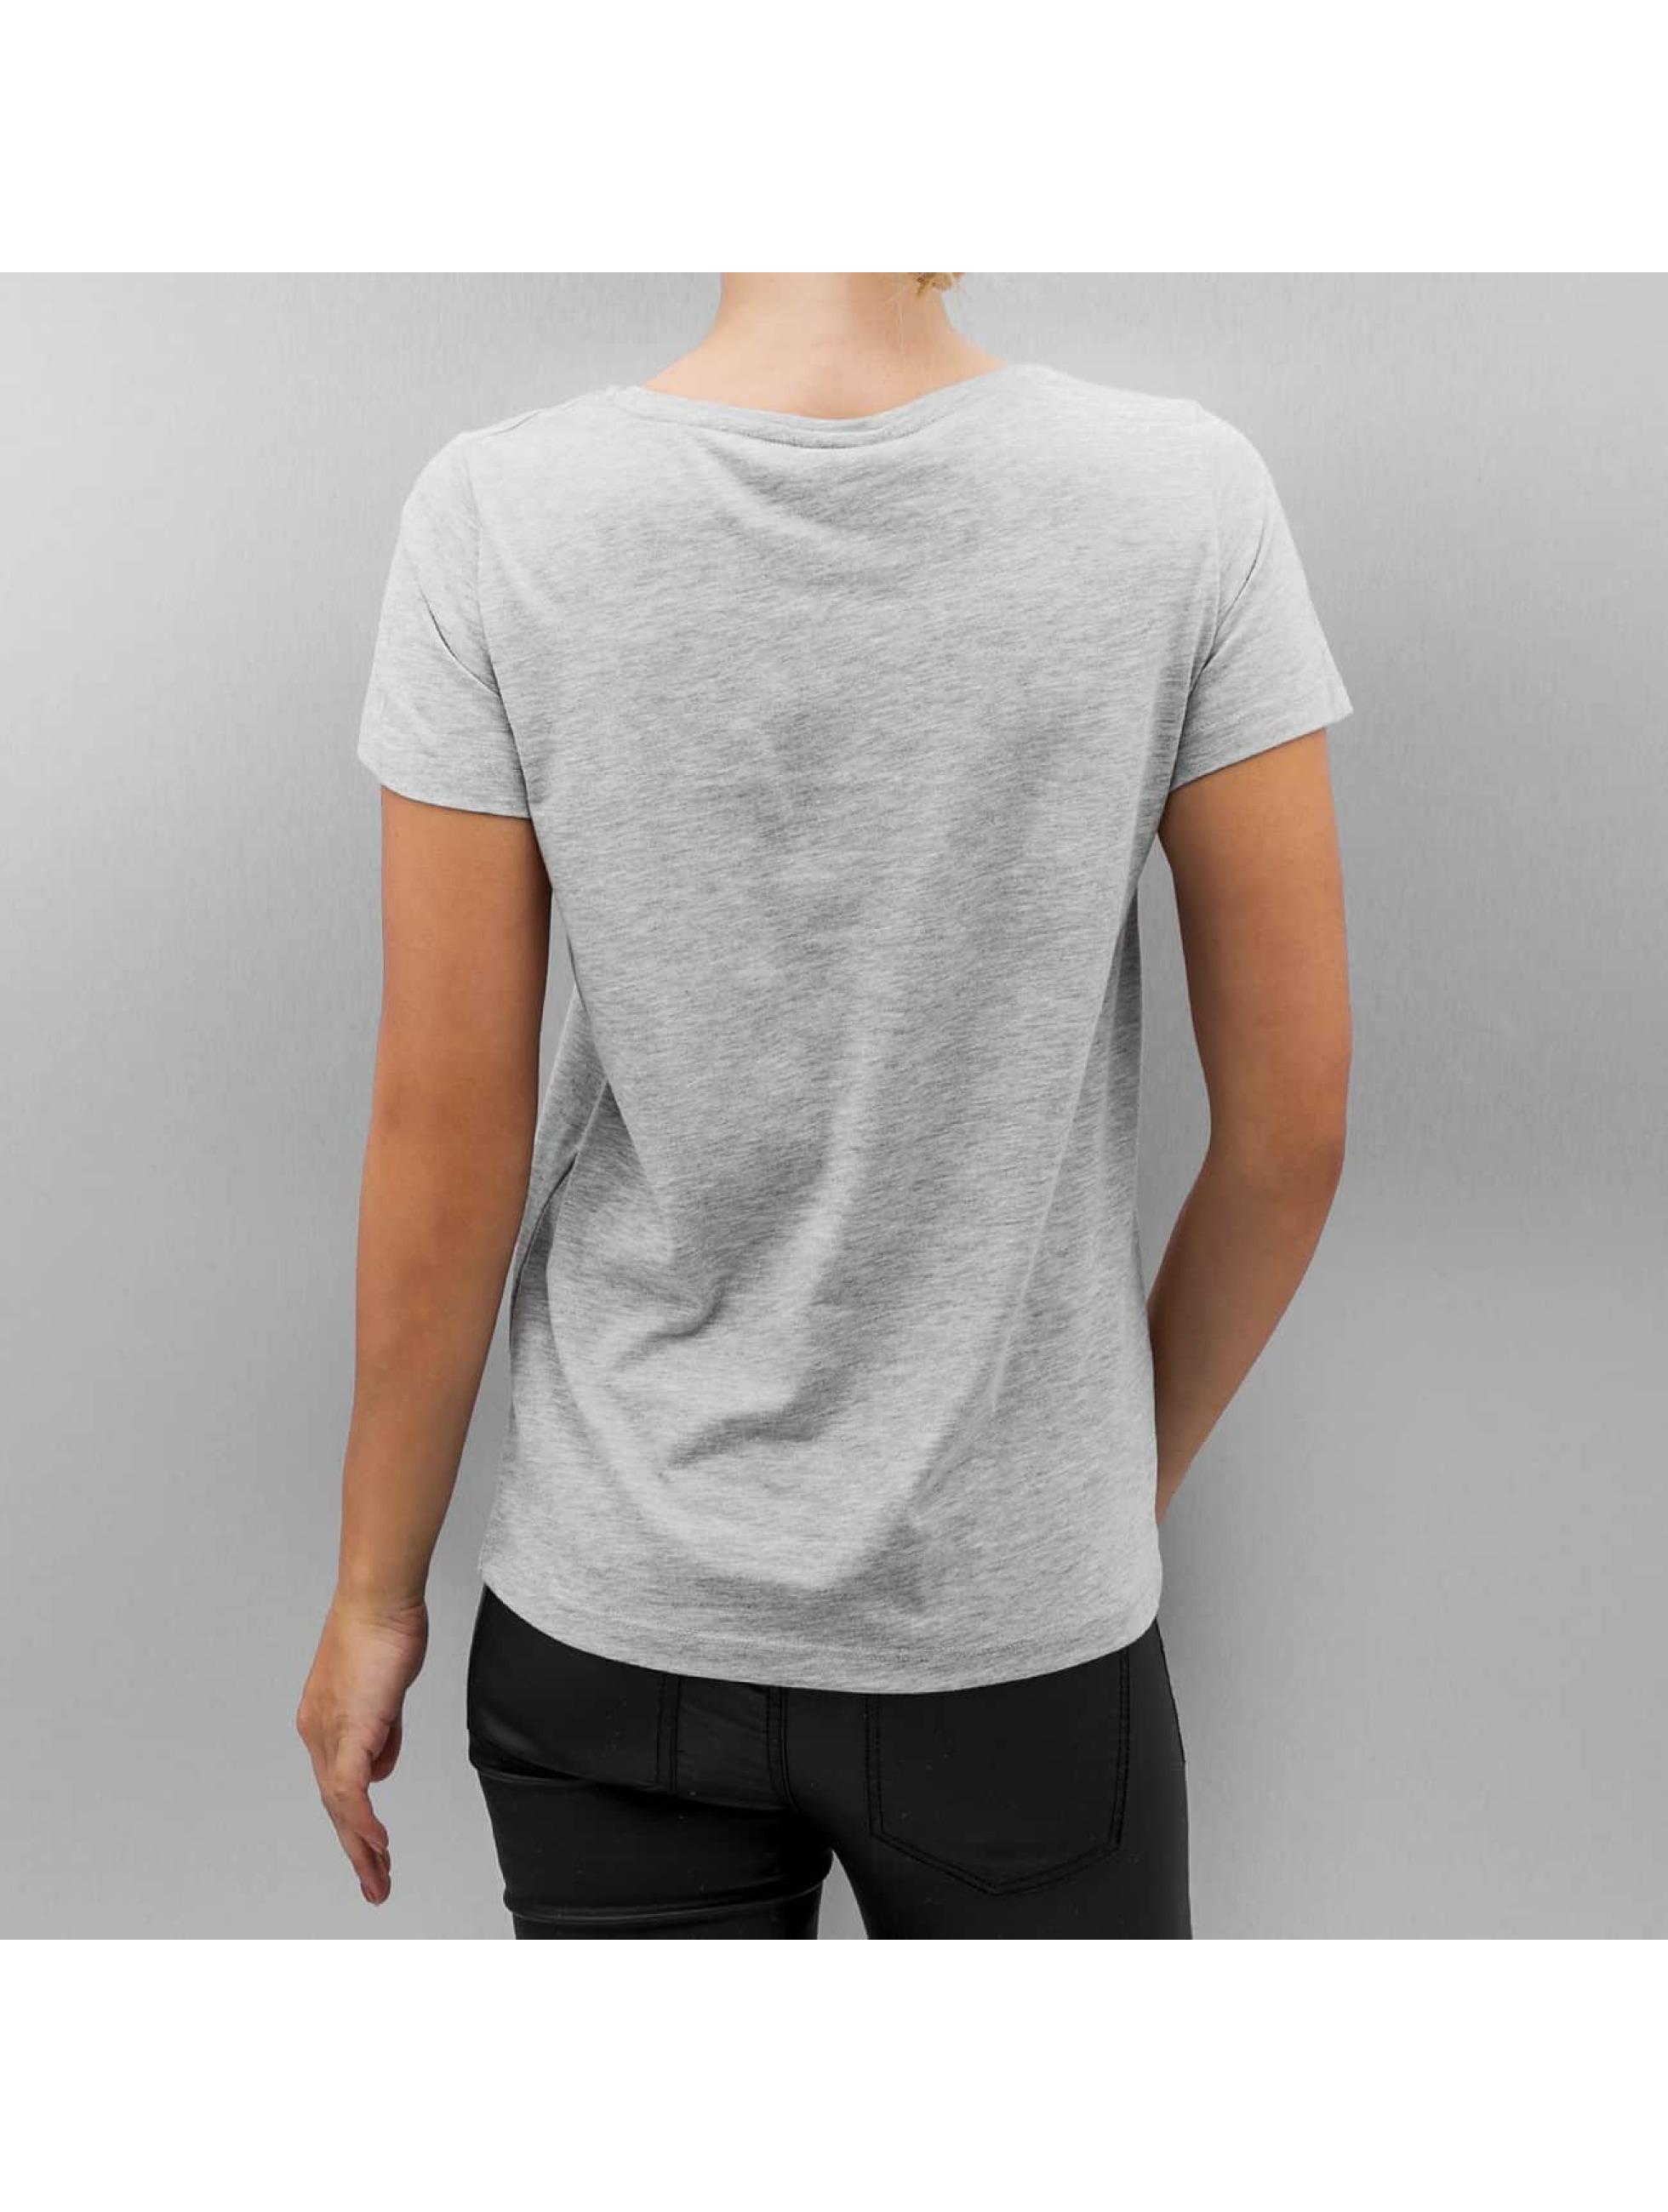 Vero Moda T-Shirt VmMy gris